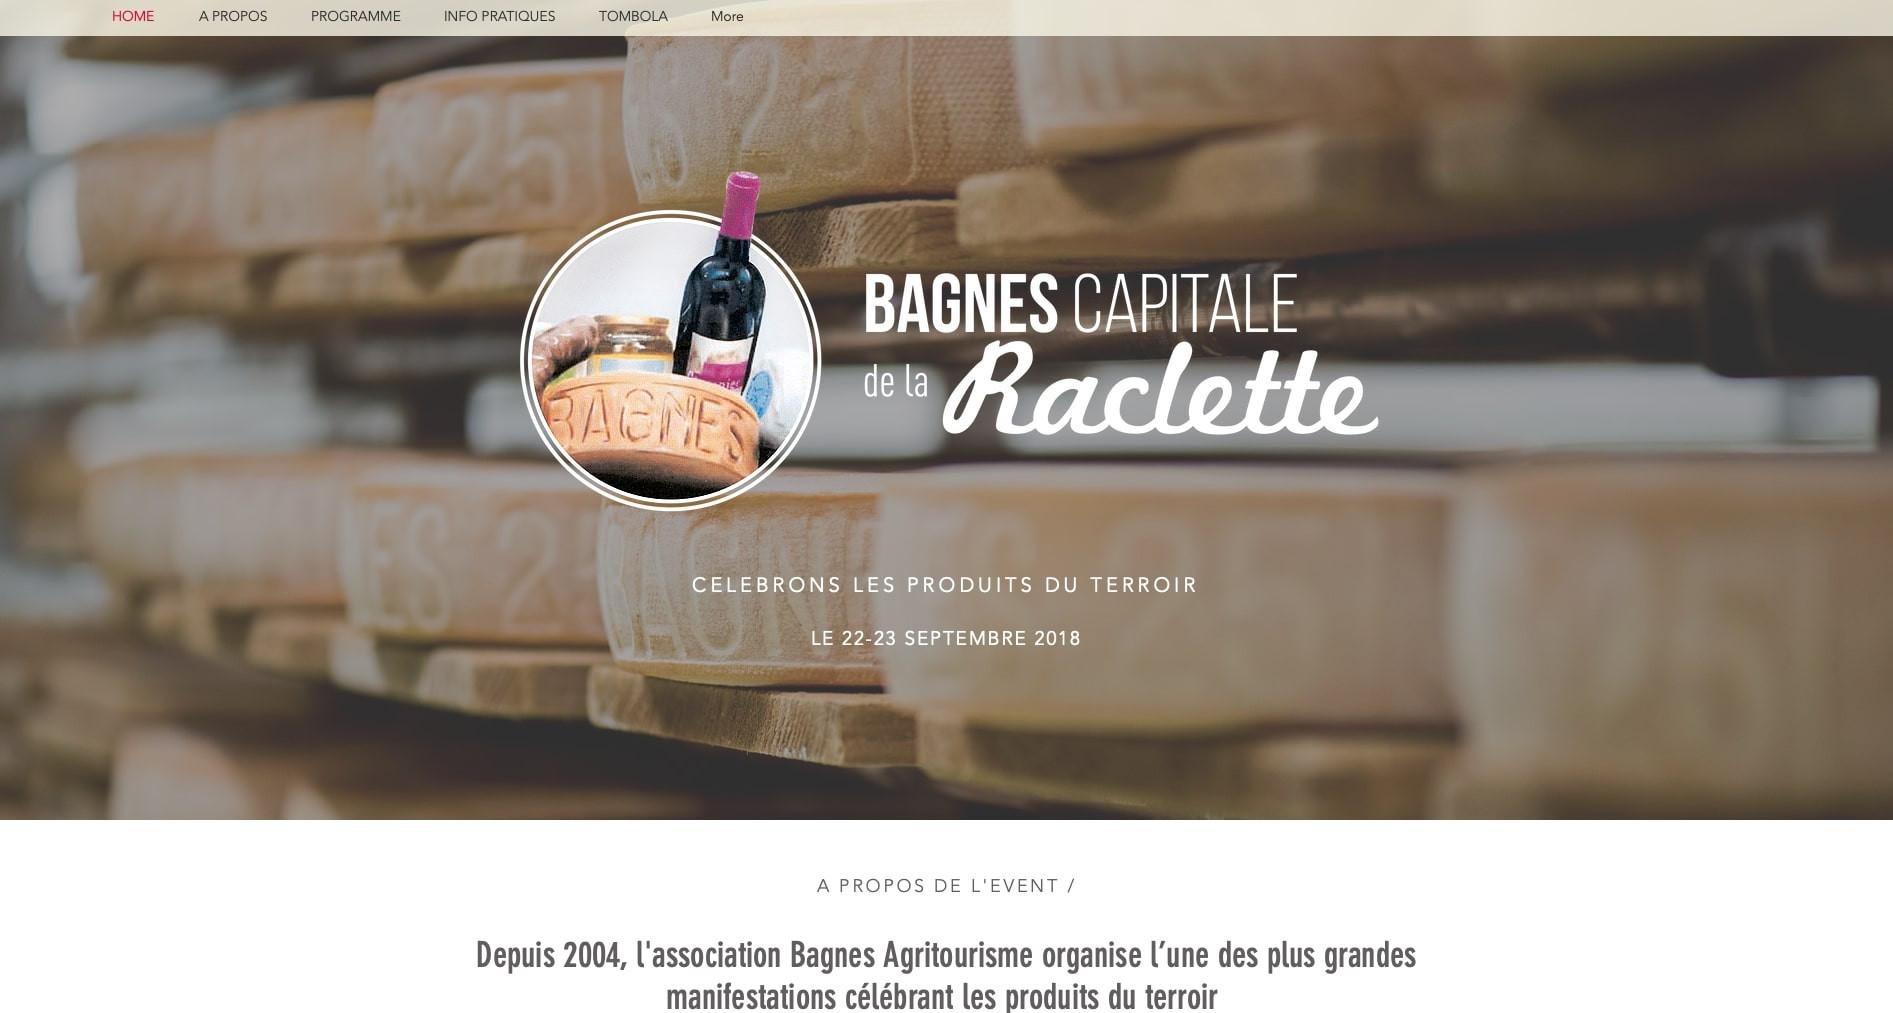 Bagnes Capitale de la raclette